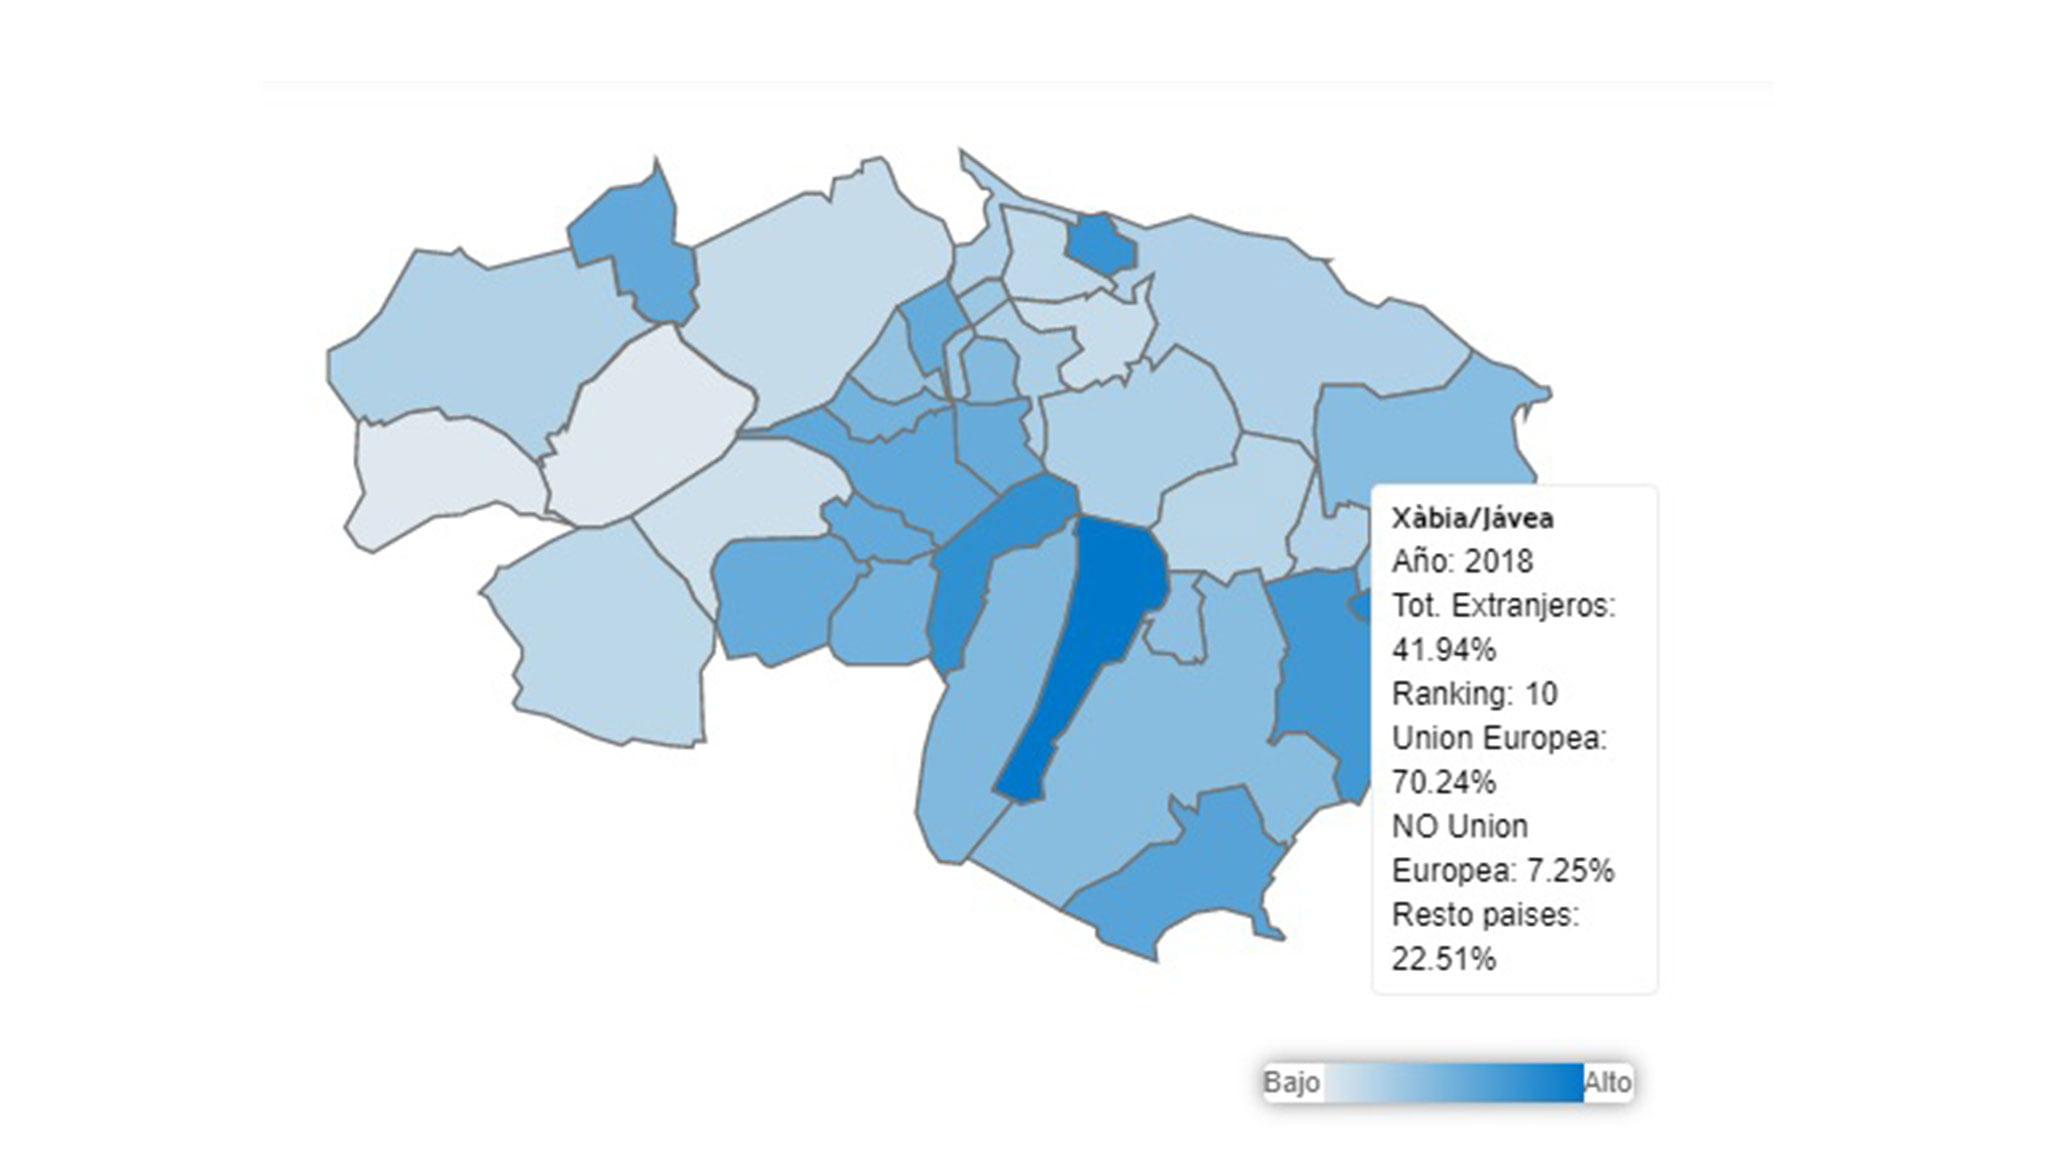 Población extranjera en Jávea en 2018, según los datos de L'Observatori de la Marina Alta